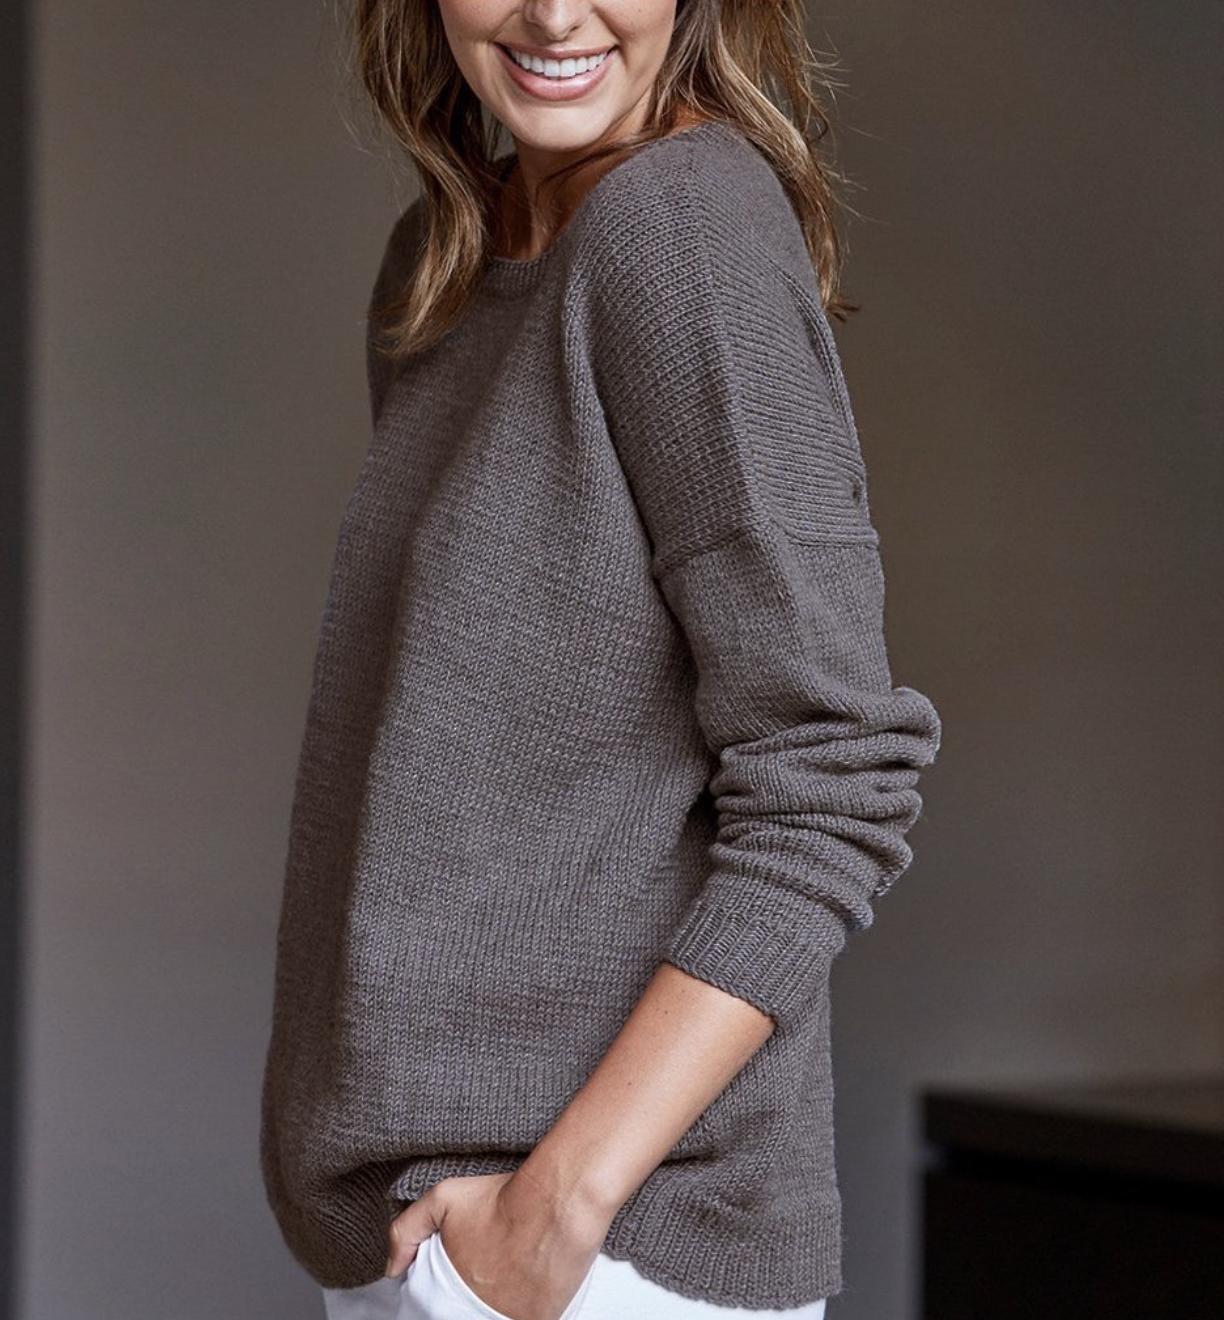 Bellissimo - CELINE 691 - Sweater Pattern